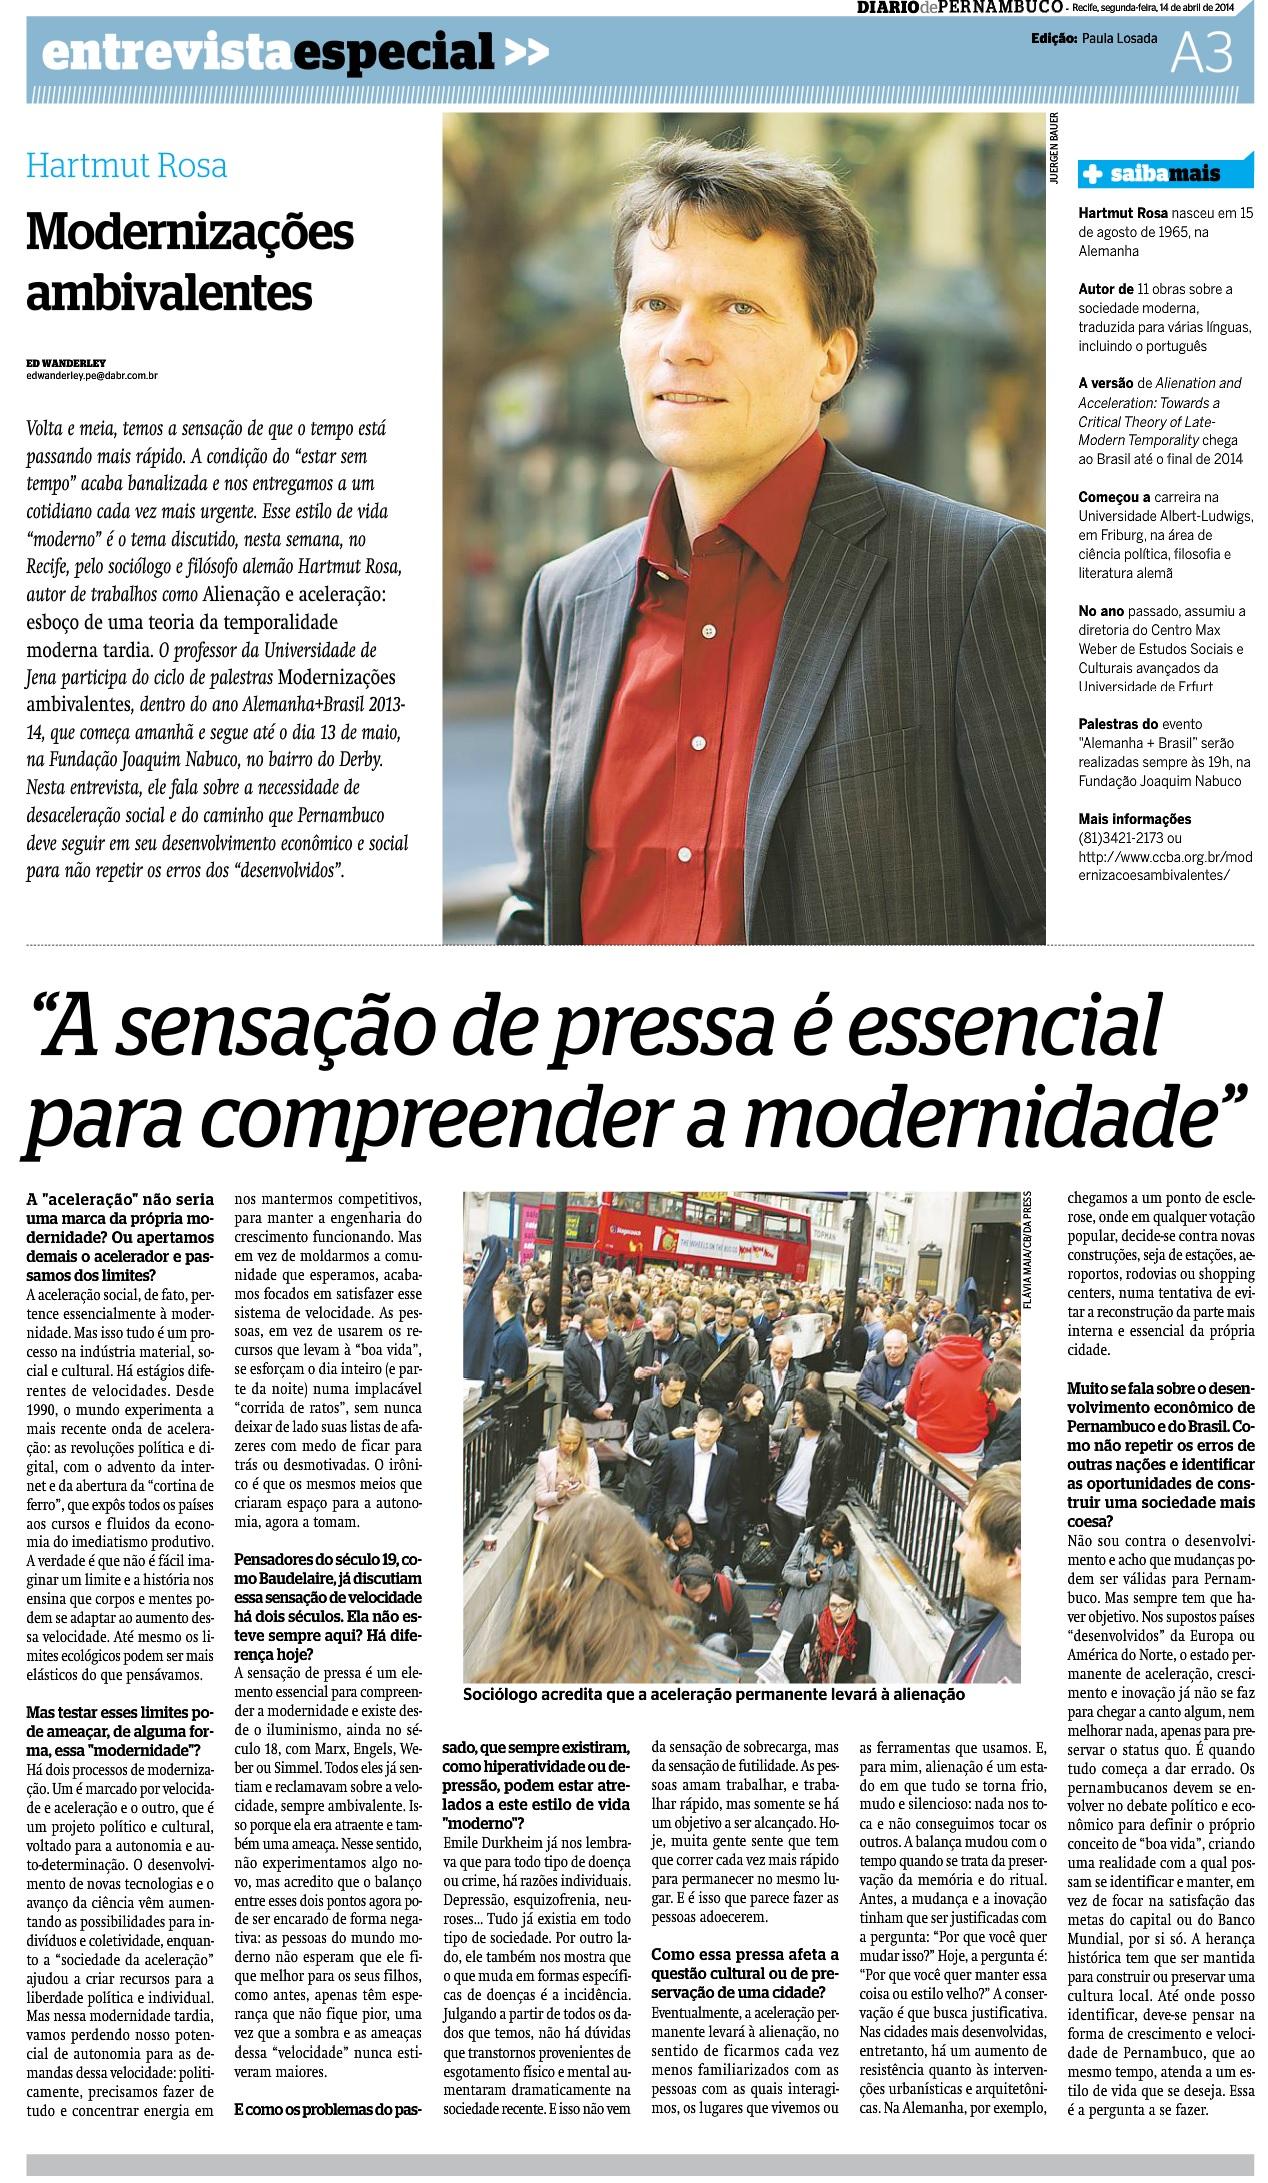 DiariodePernambuco-Entrevistaespecial-A3-14-04